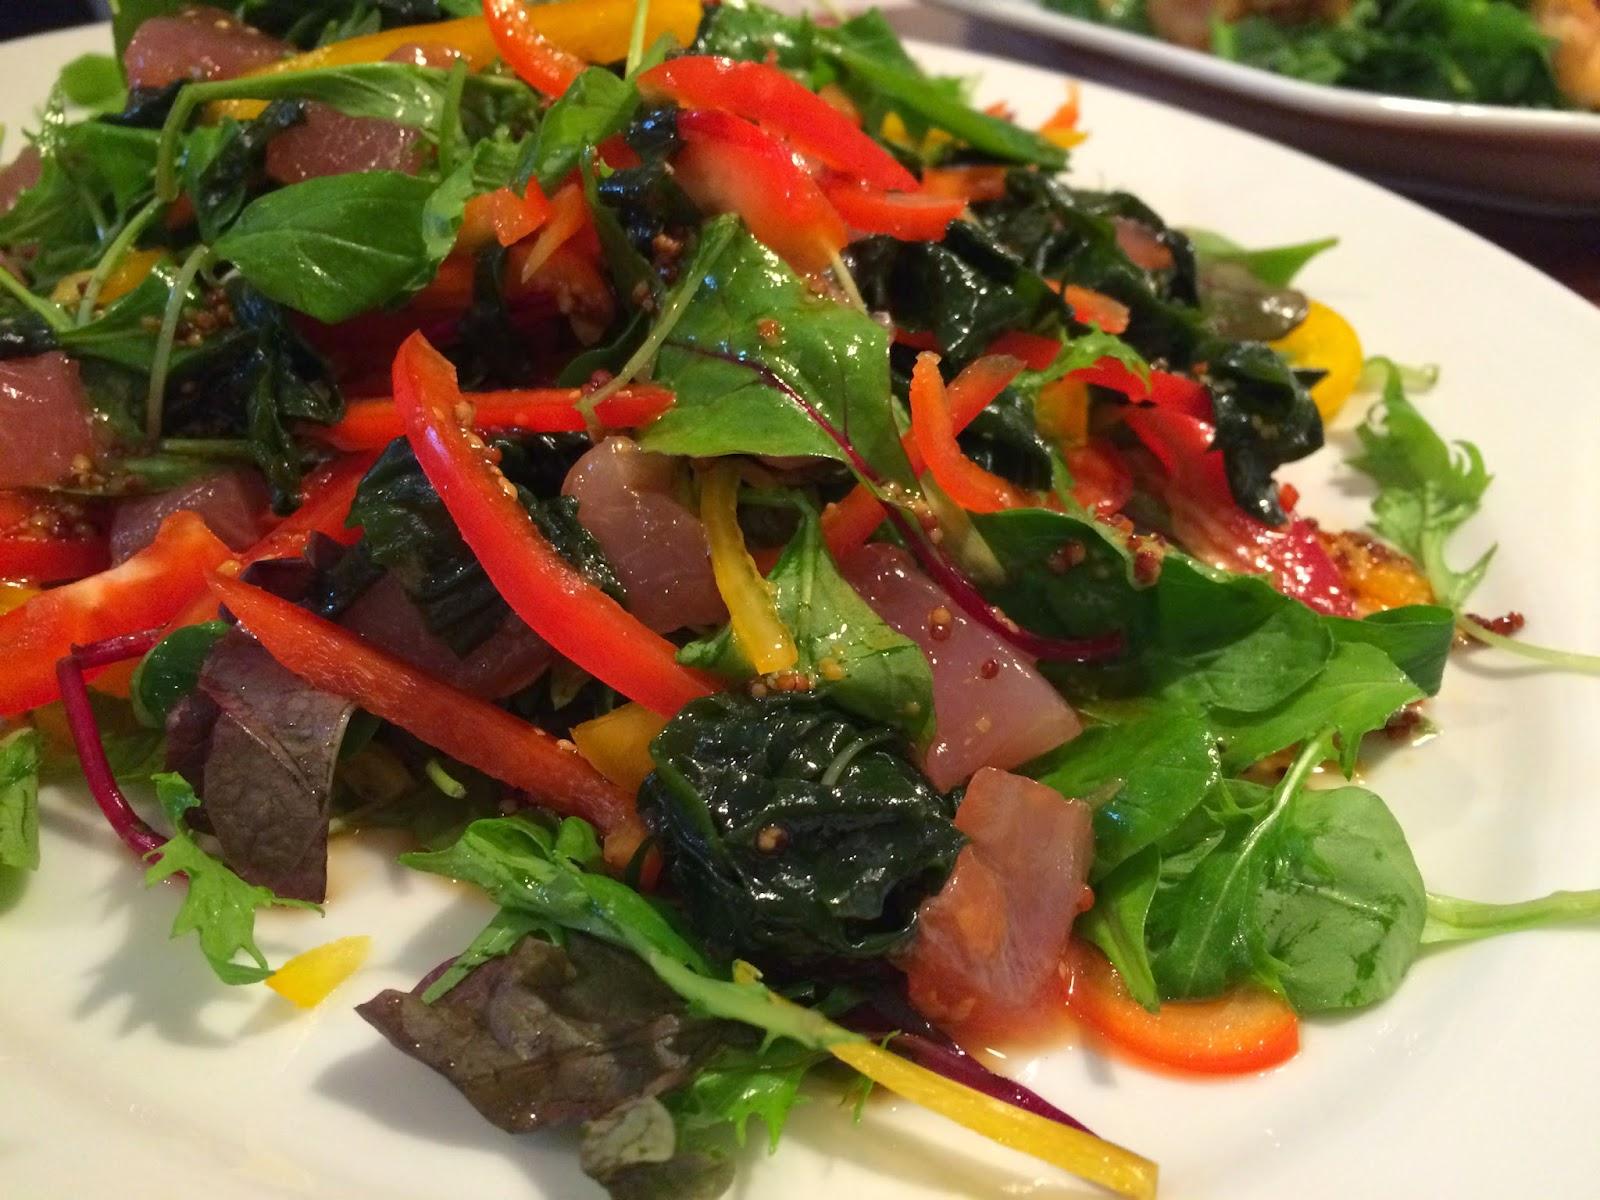 千代田区に出張シェフ。:鮮魚とリーフのサラダ